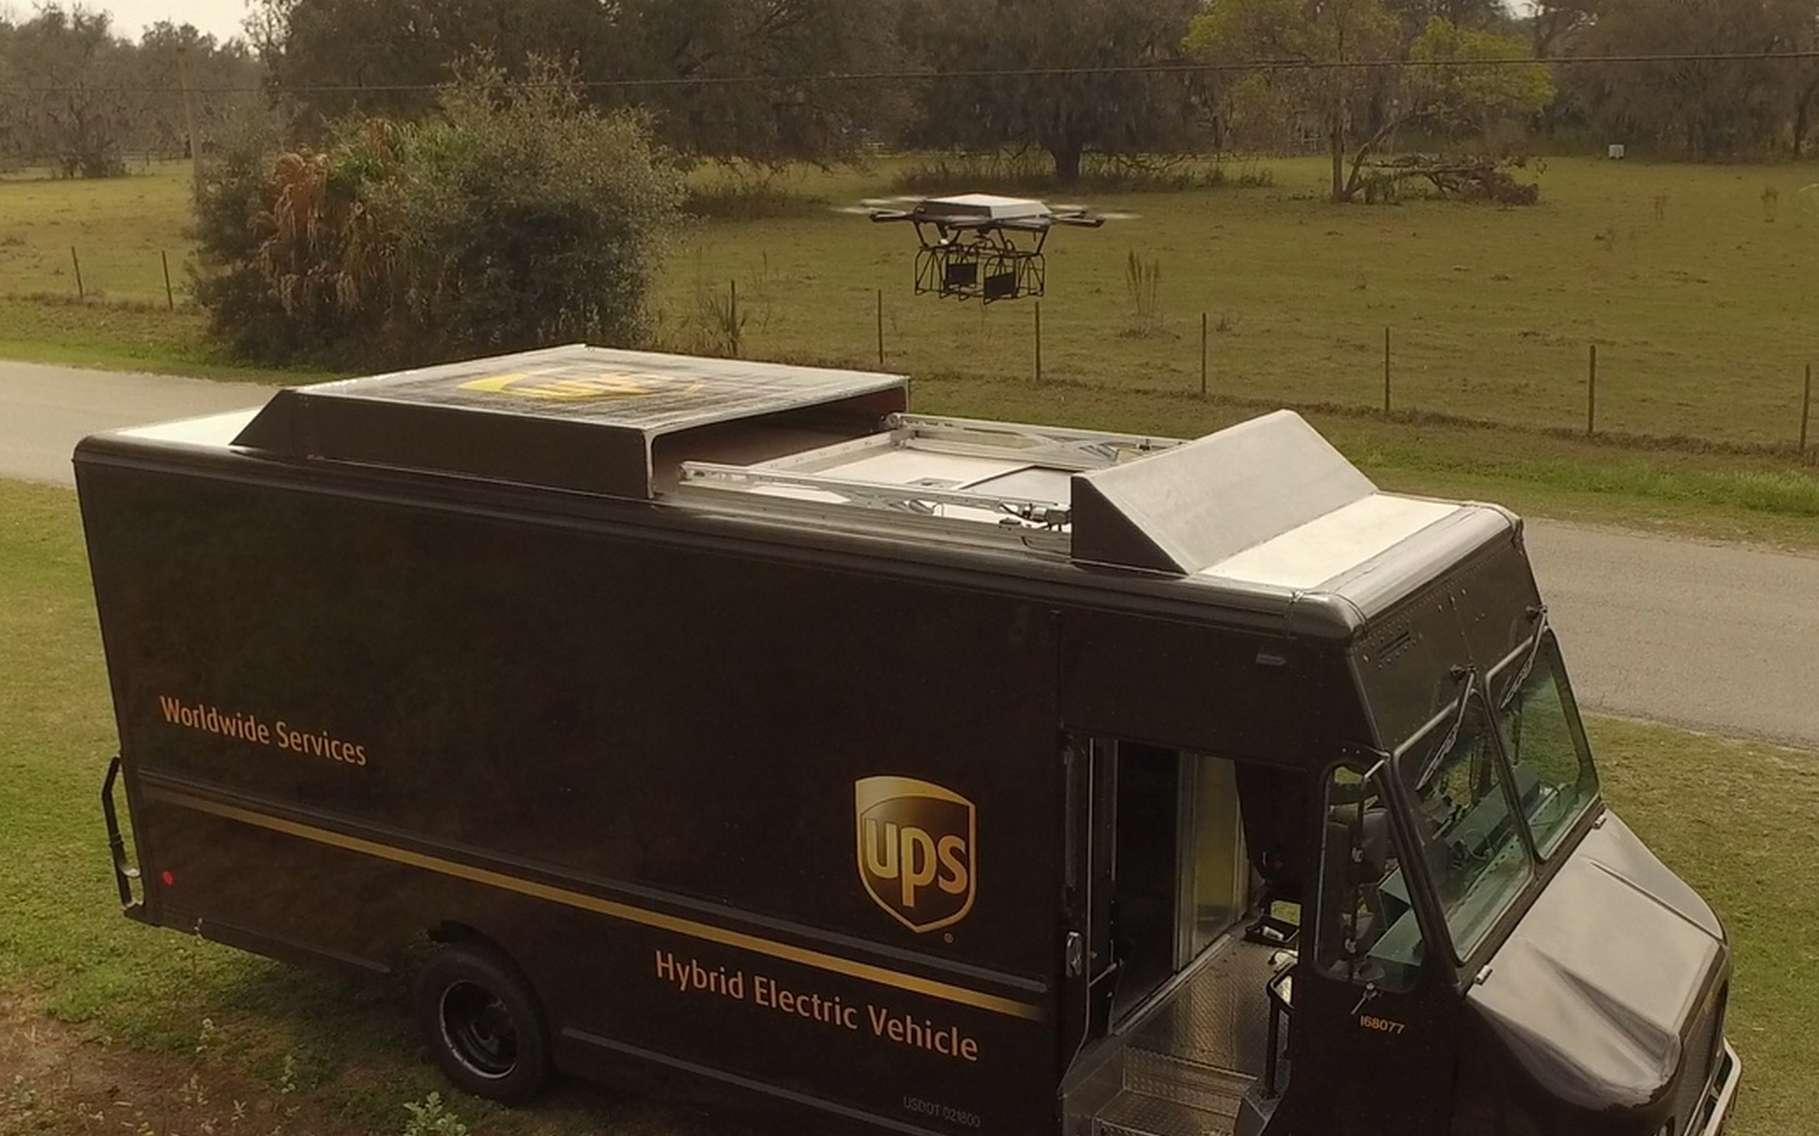 Bureaux Ups : Ups expérimente la livraison par drones lancés depuis un camion